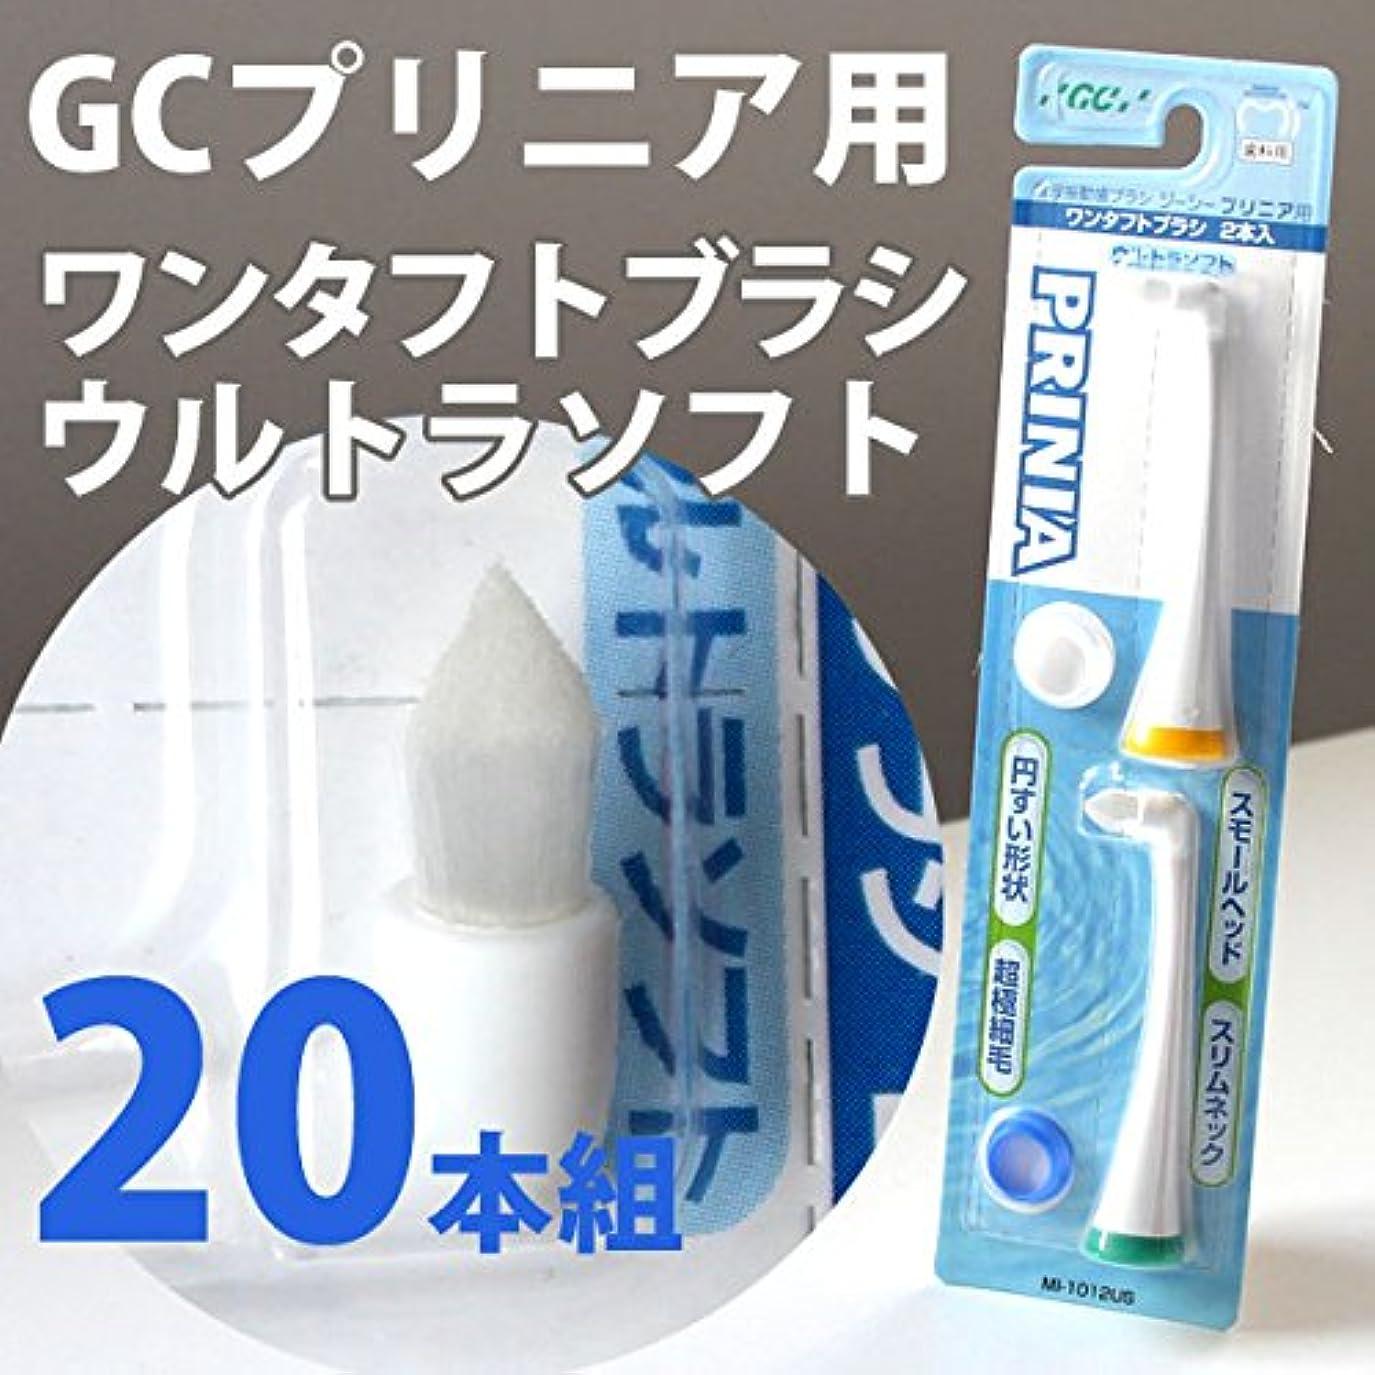 つま先単調な専門化するプリニア ワンタフト GC 音波振動歯ブラシ プリニアスリム 替えブラシ ブラシ(ウルトラソフト) 10セットル便